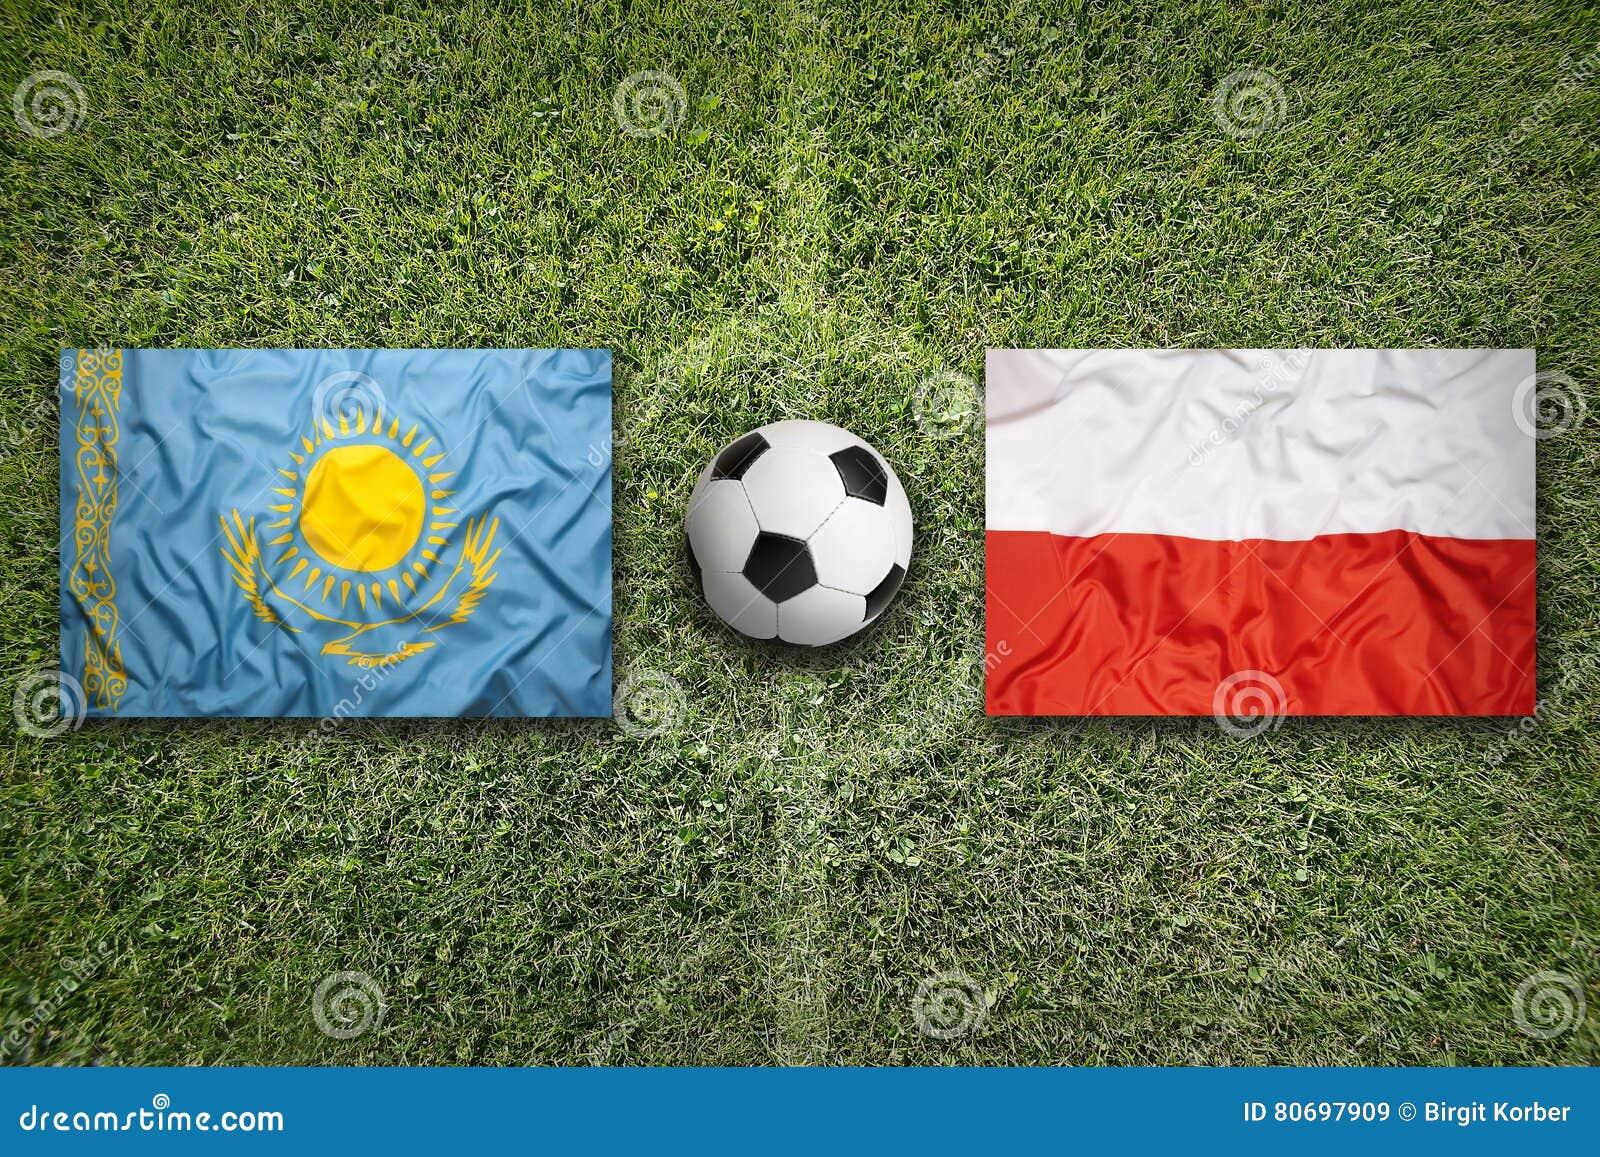 Kazajistán contra Banderas de Polonia en campo de fútbol